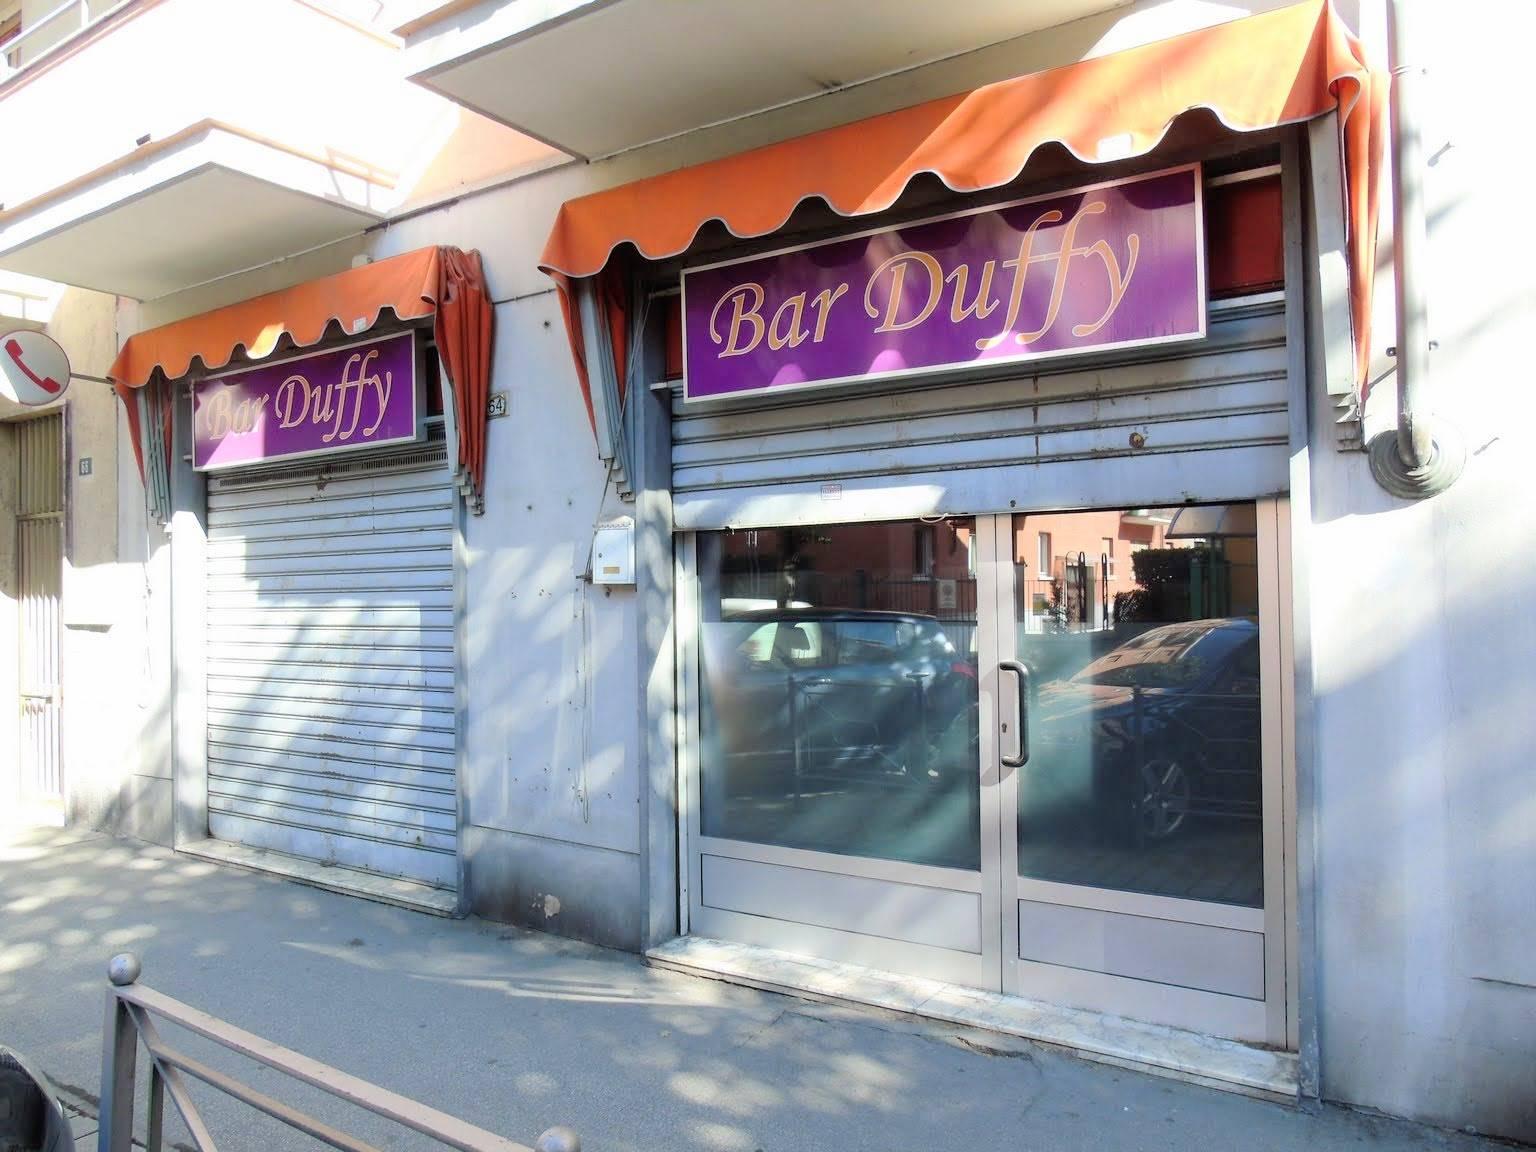 Bar in vendita a Aosta, 1 locali, zona Zona: Centro, prezzo € 97.000 | CambioCasa.it